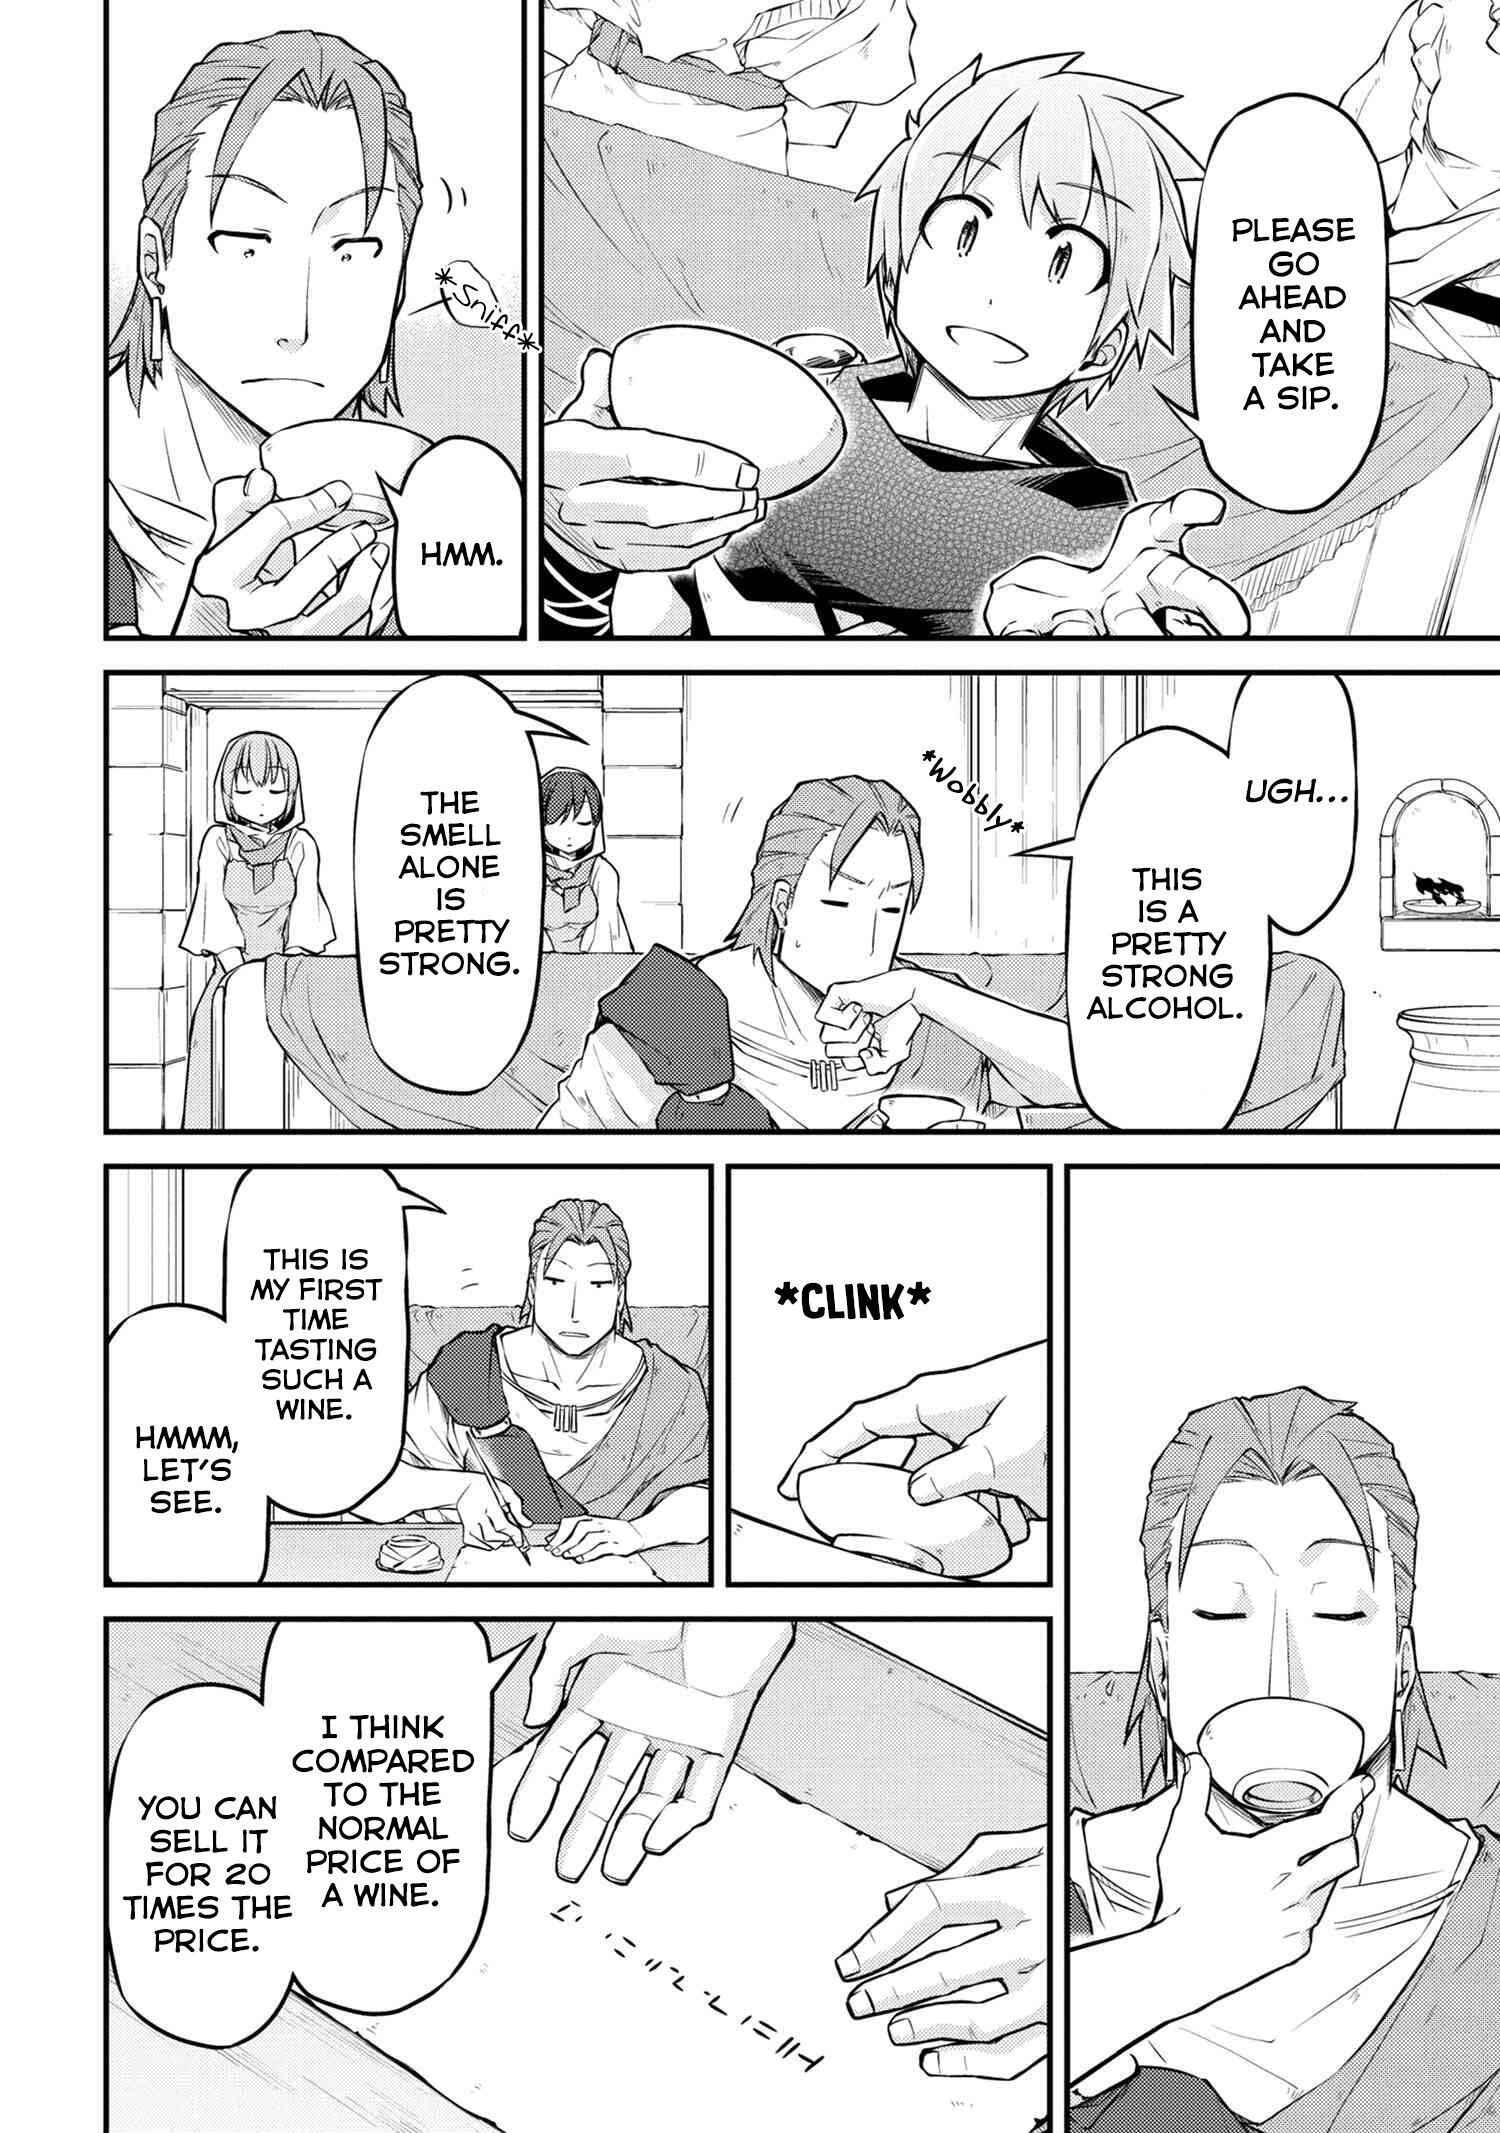 Isekai Kenkokuki - chapter 32.1-eng-li